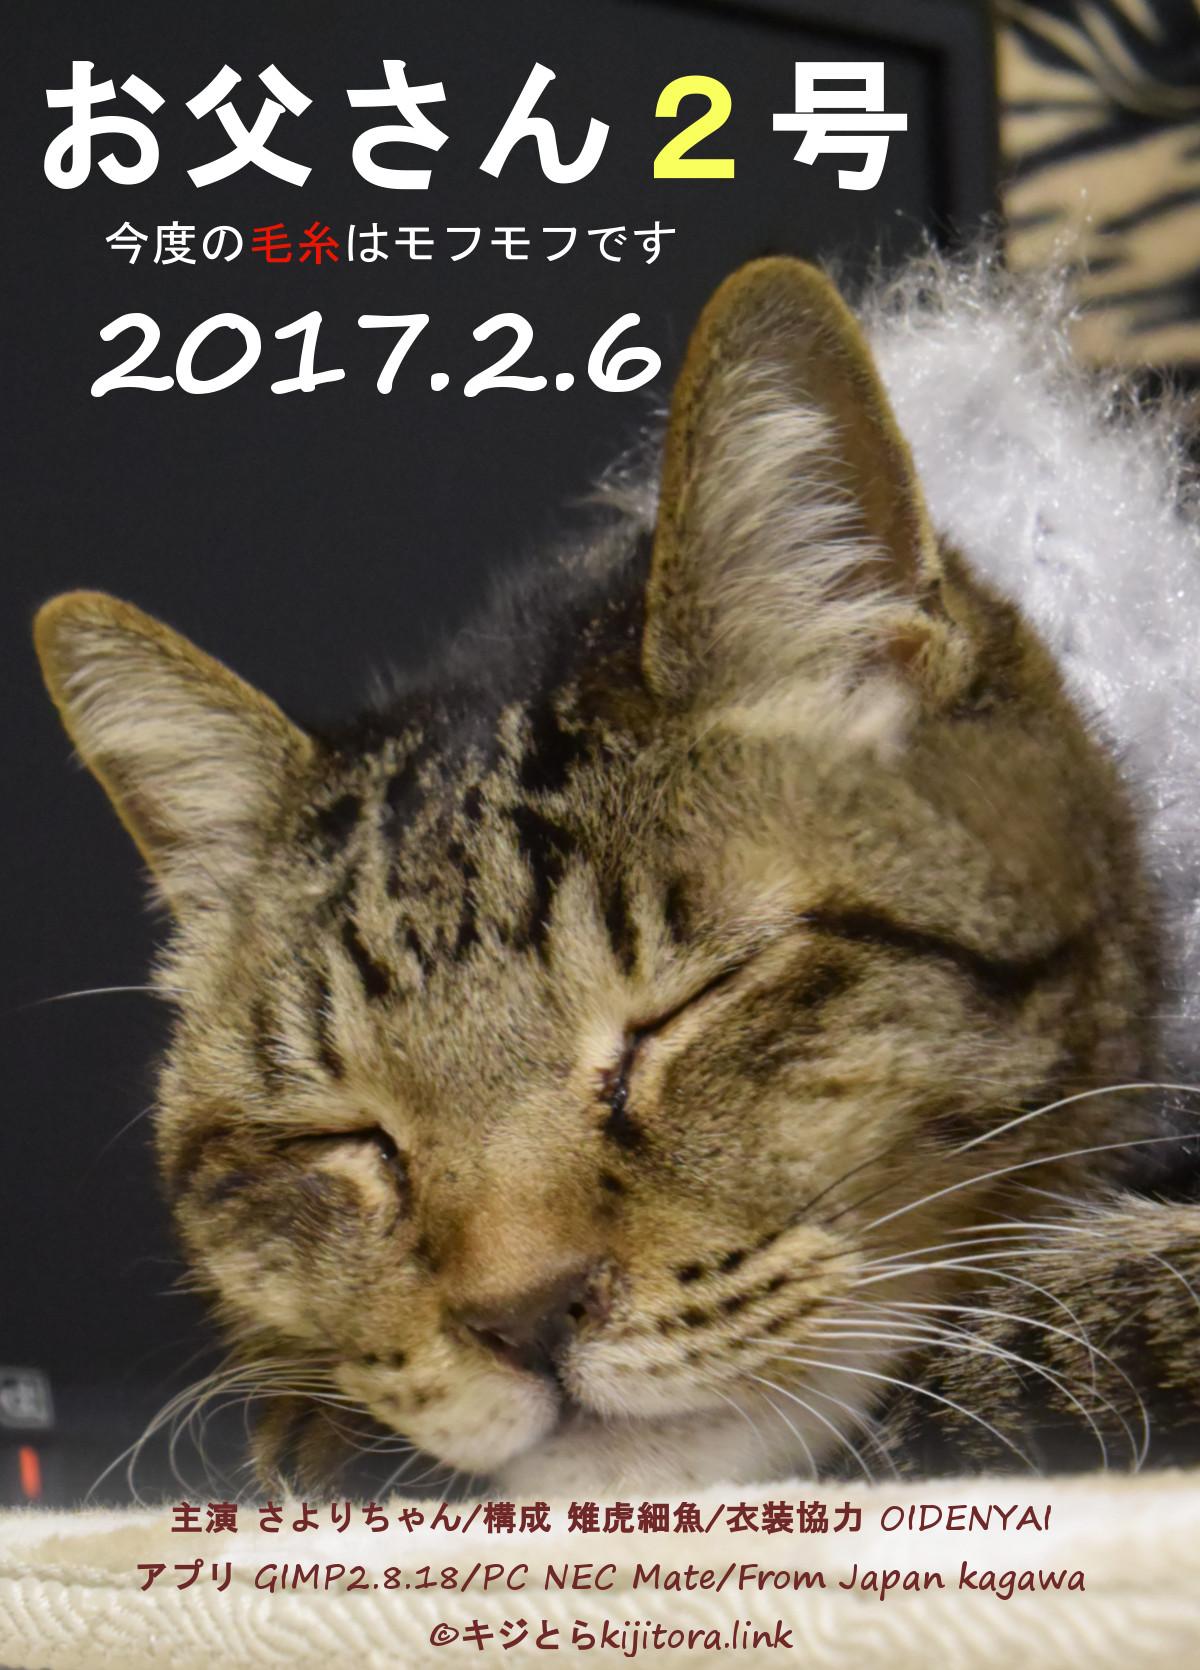 お父さんの猫マフラー2号!毛糸はセリアの「おとめのファー」